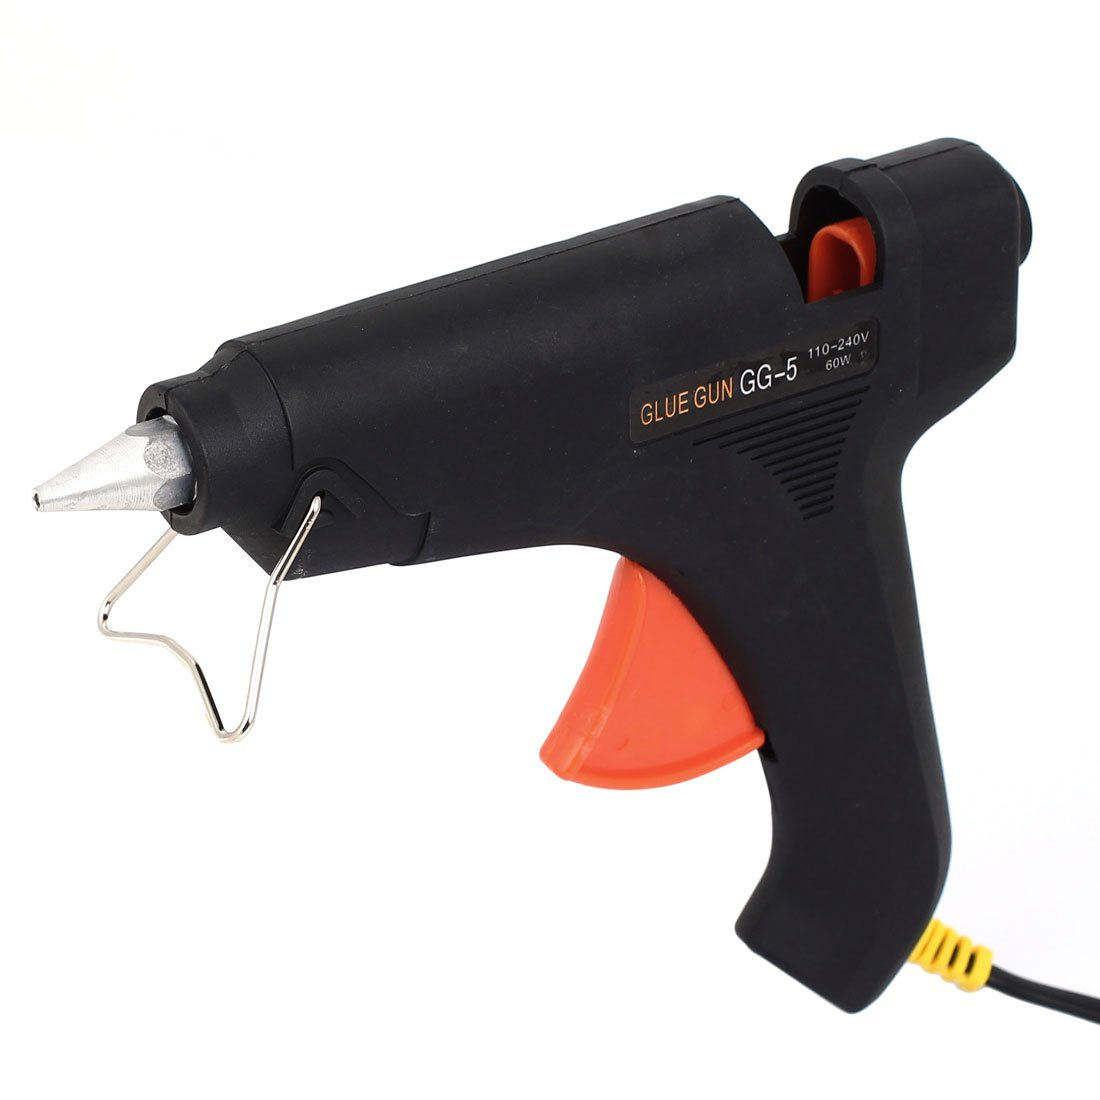 Uxcell a15121900ux1891 GG-5 Electric Heating Hot Melt Sticks Trigger Glue Gun